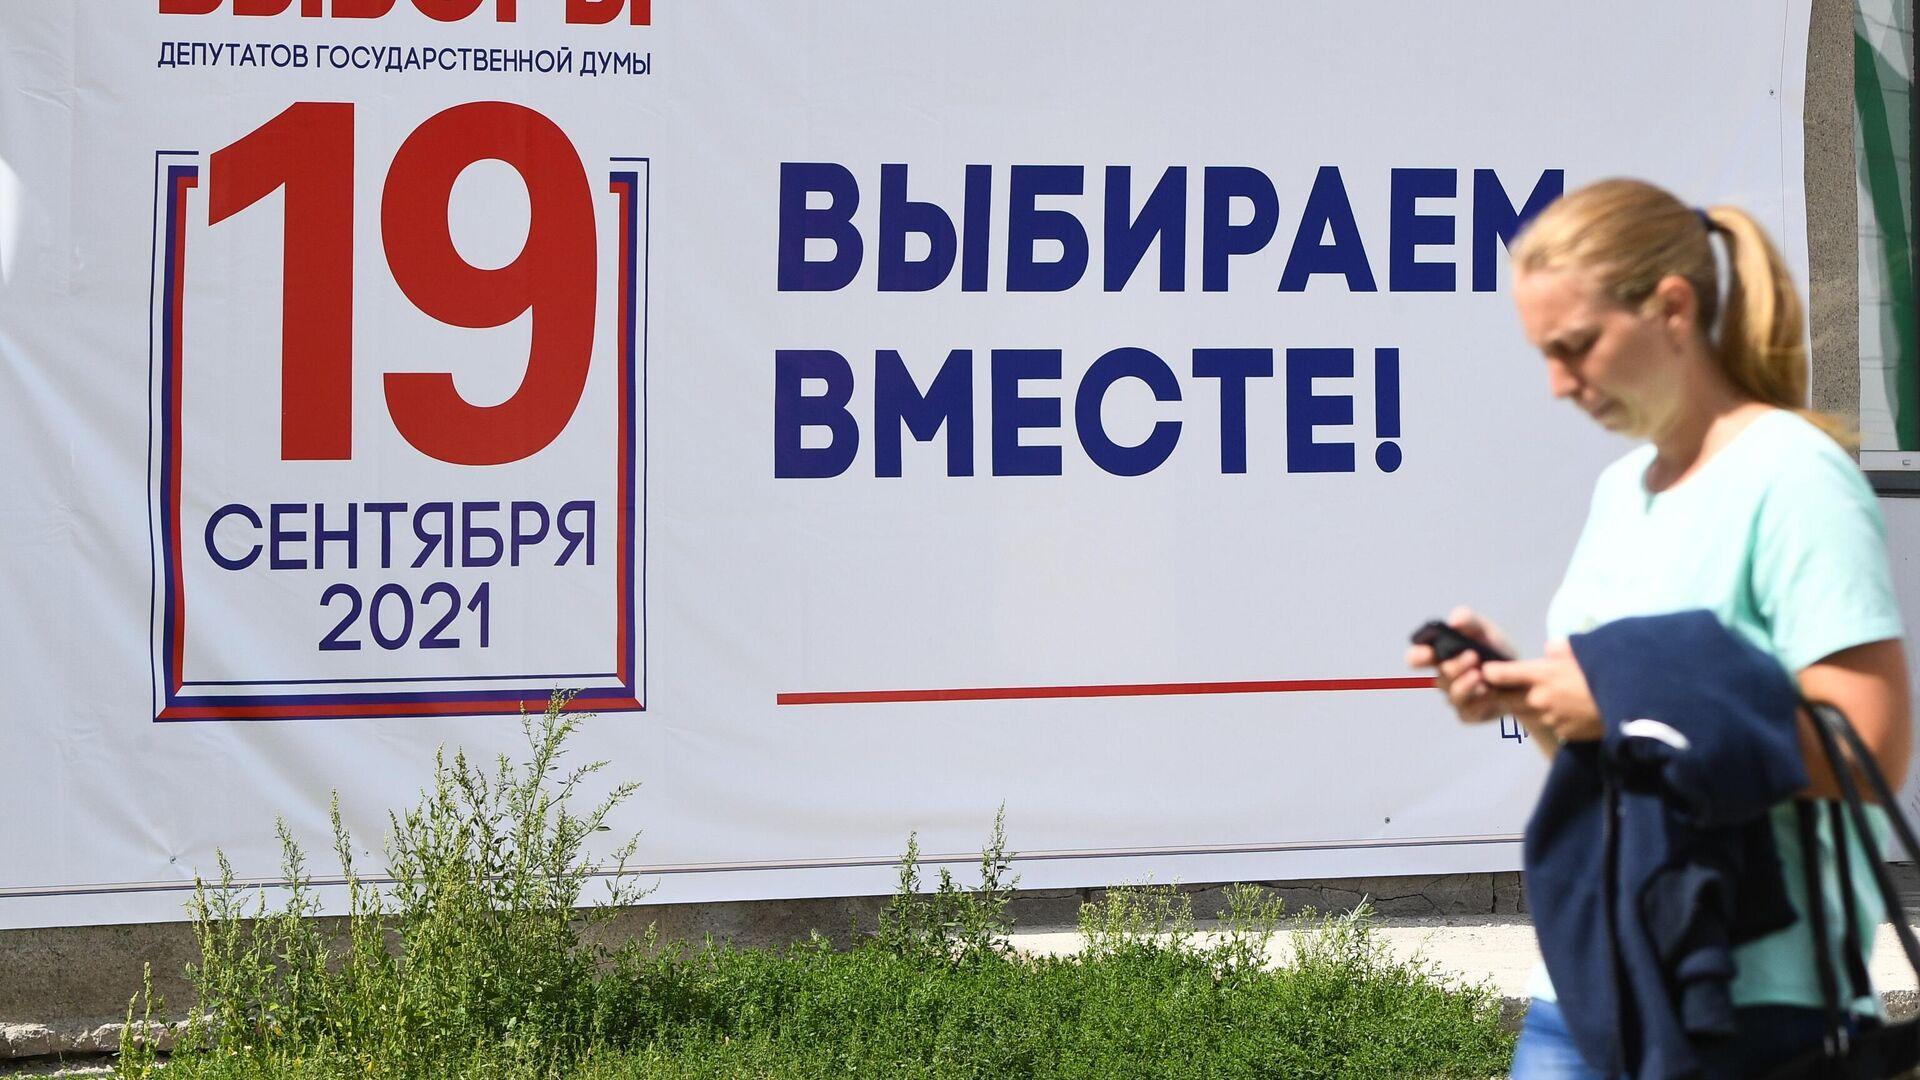 ЦИК потребовал исключить несколько кандидатов в депутаты Госдумы